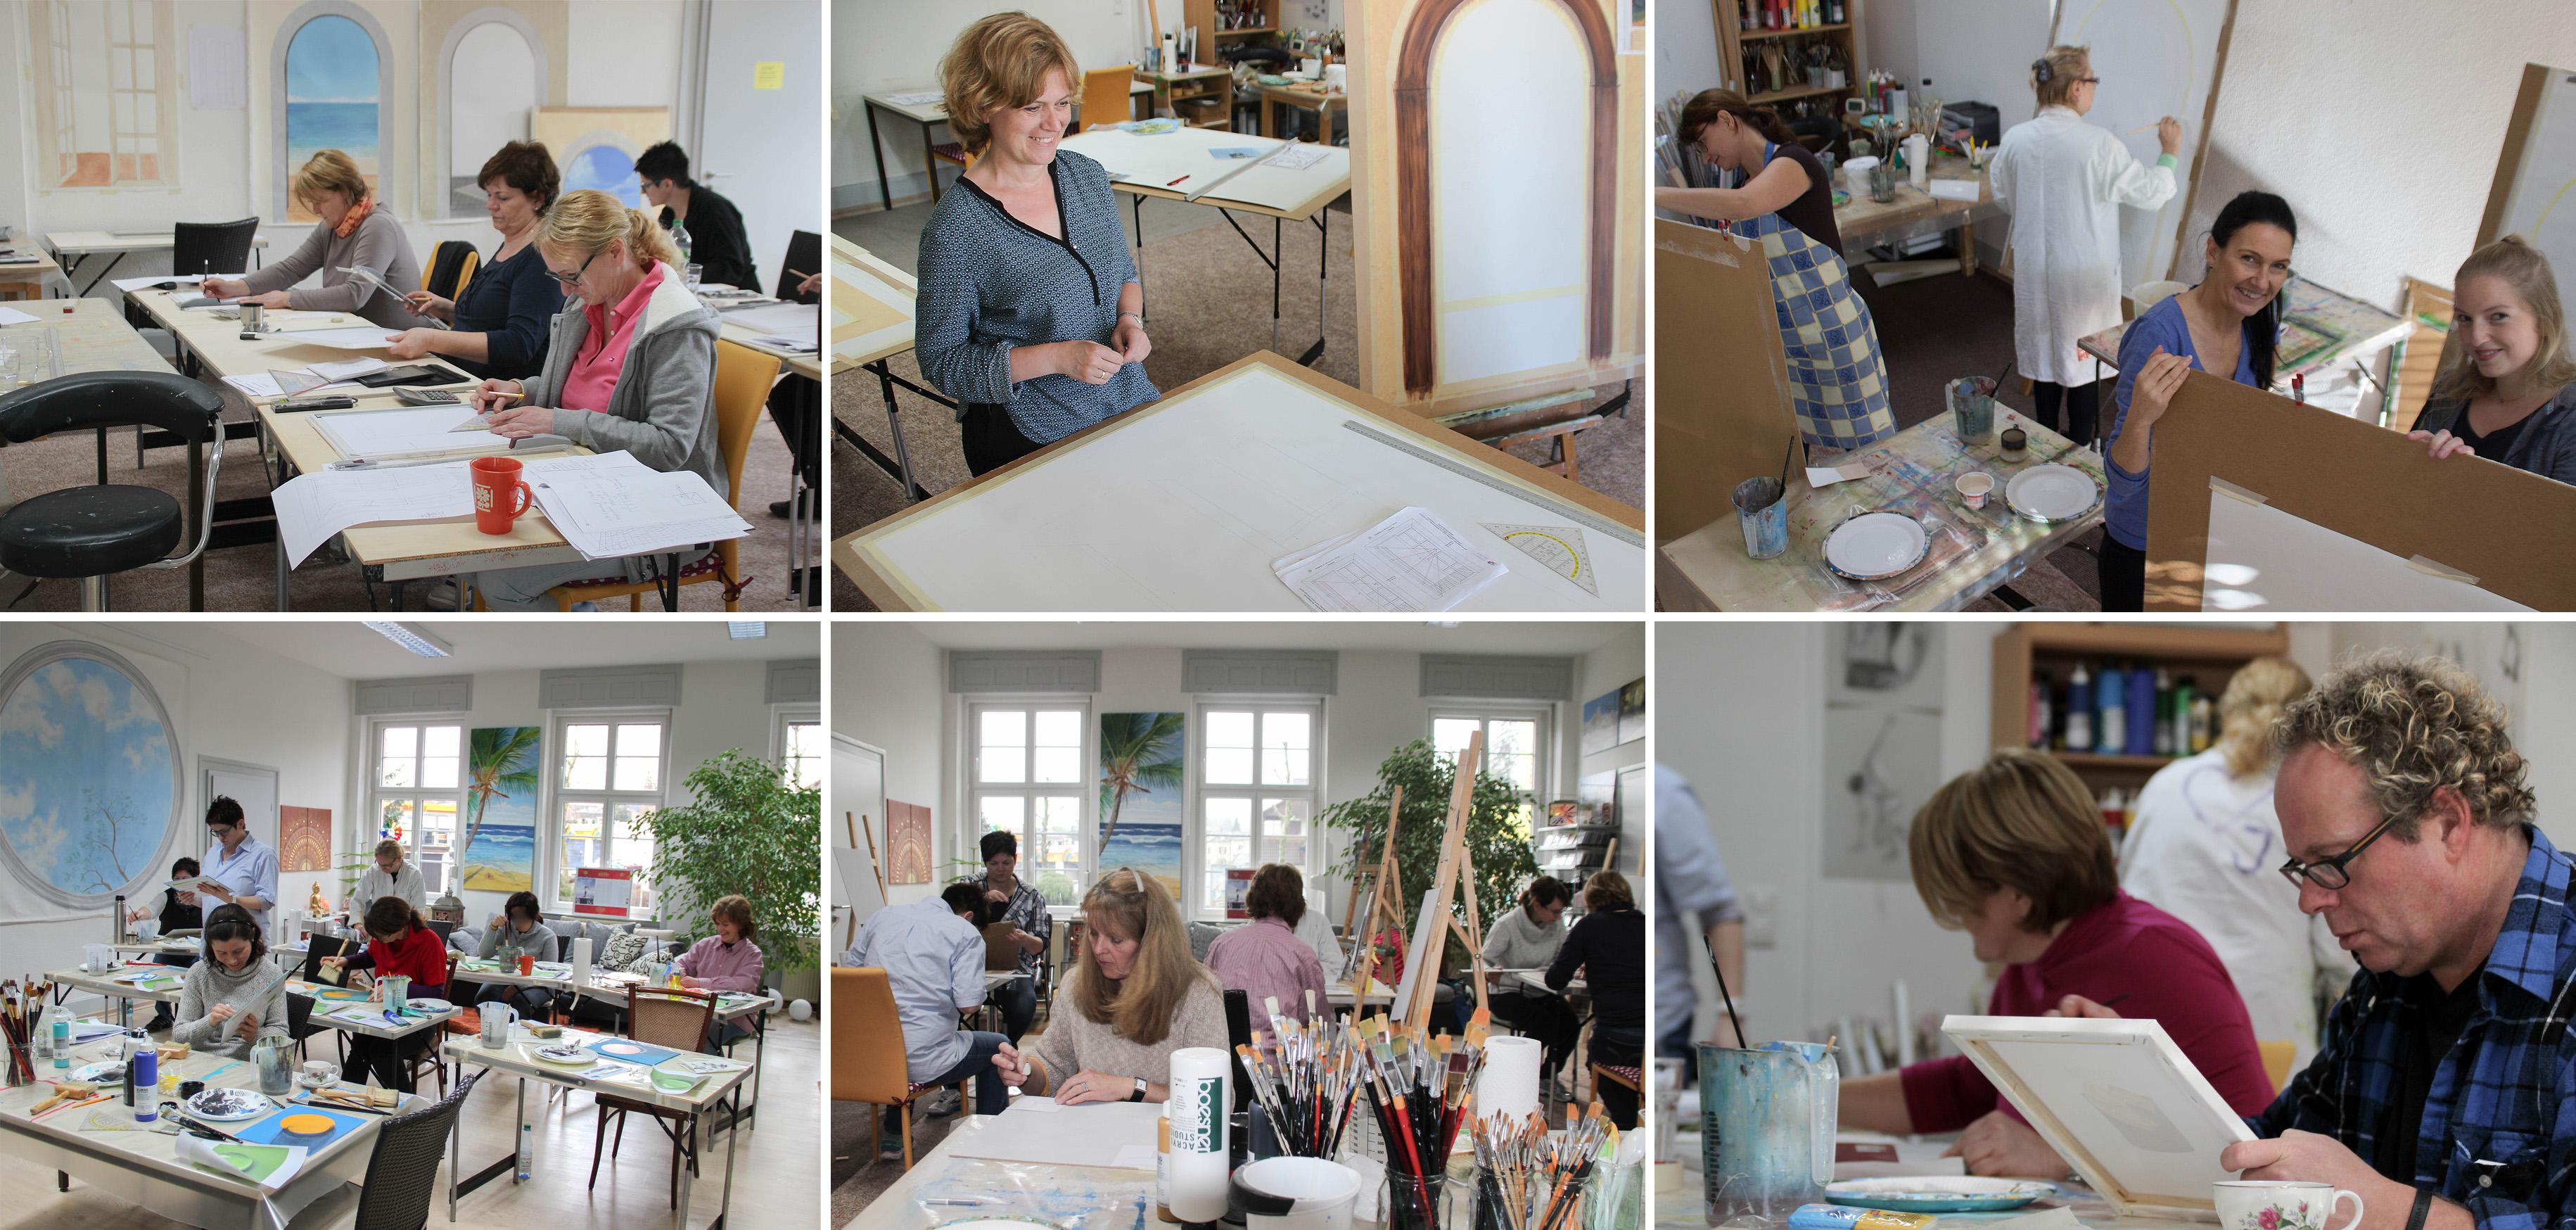 Abschlussarbeit Kunstakademie Wertheim, Akademie für Fotorealismus, Atelier Leoni